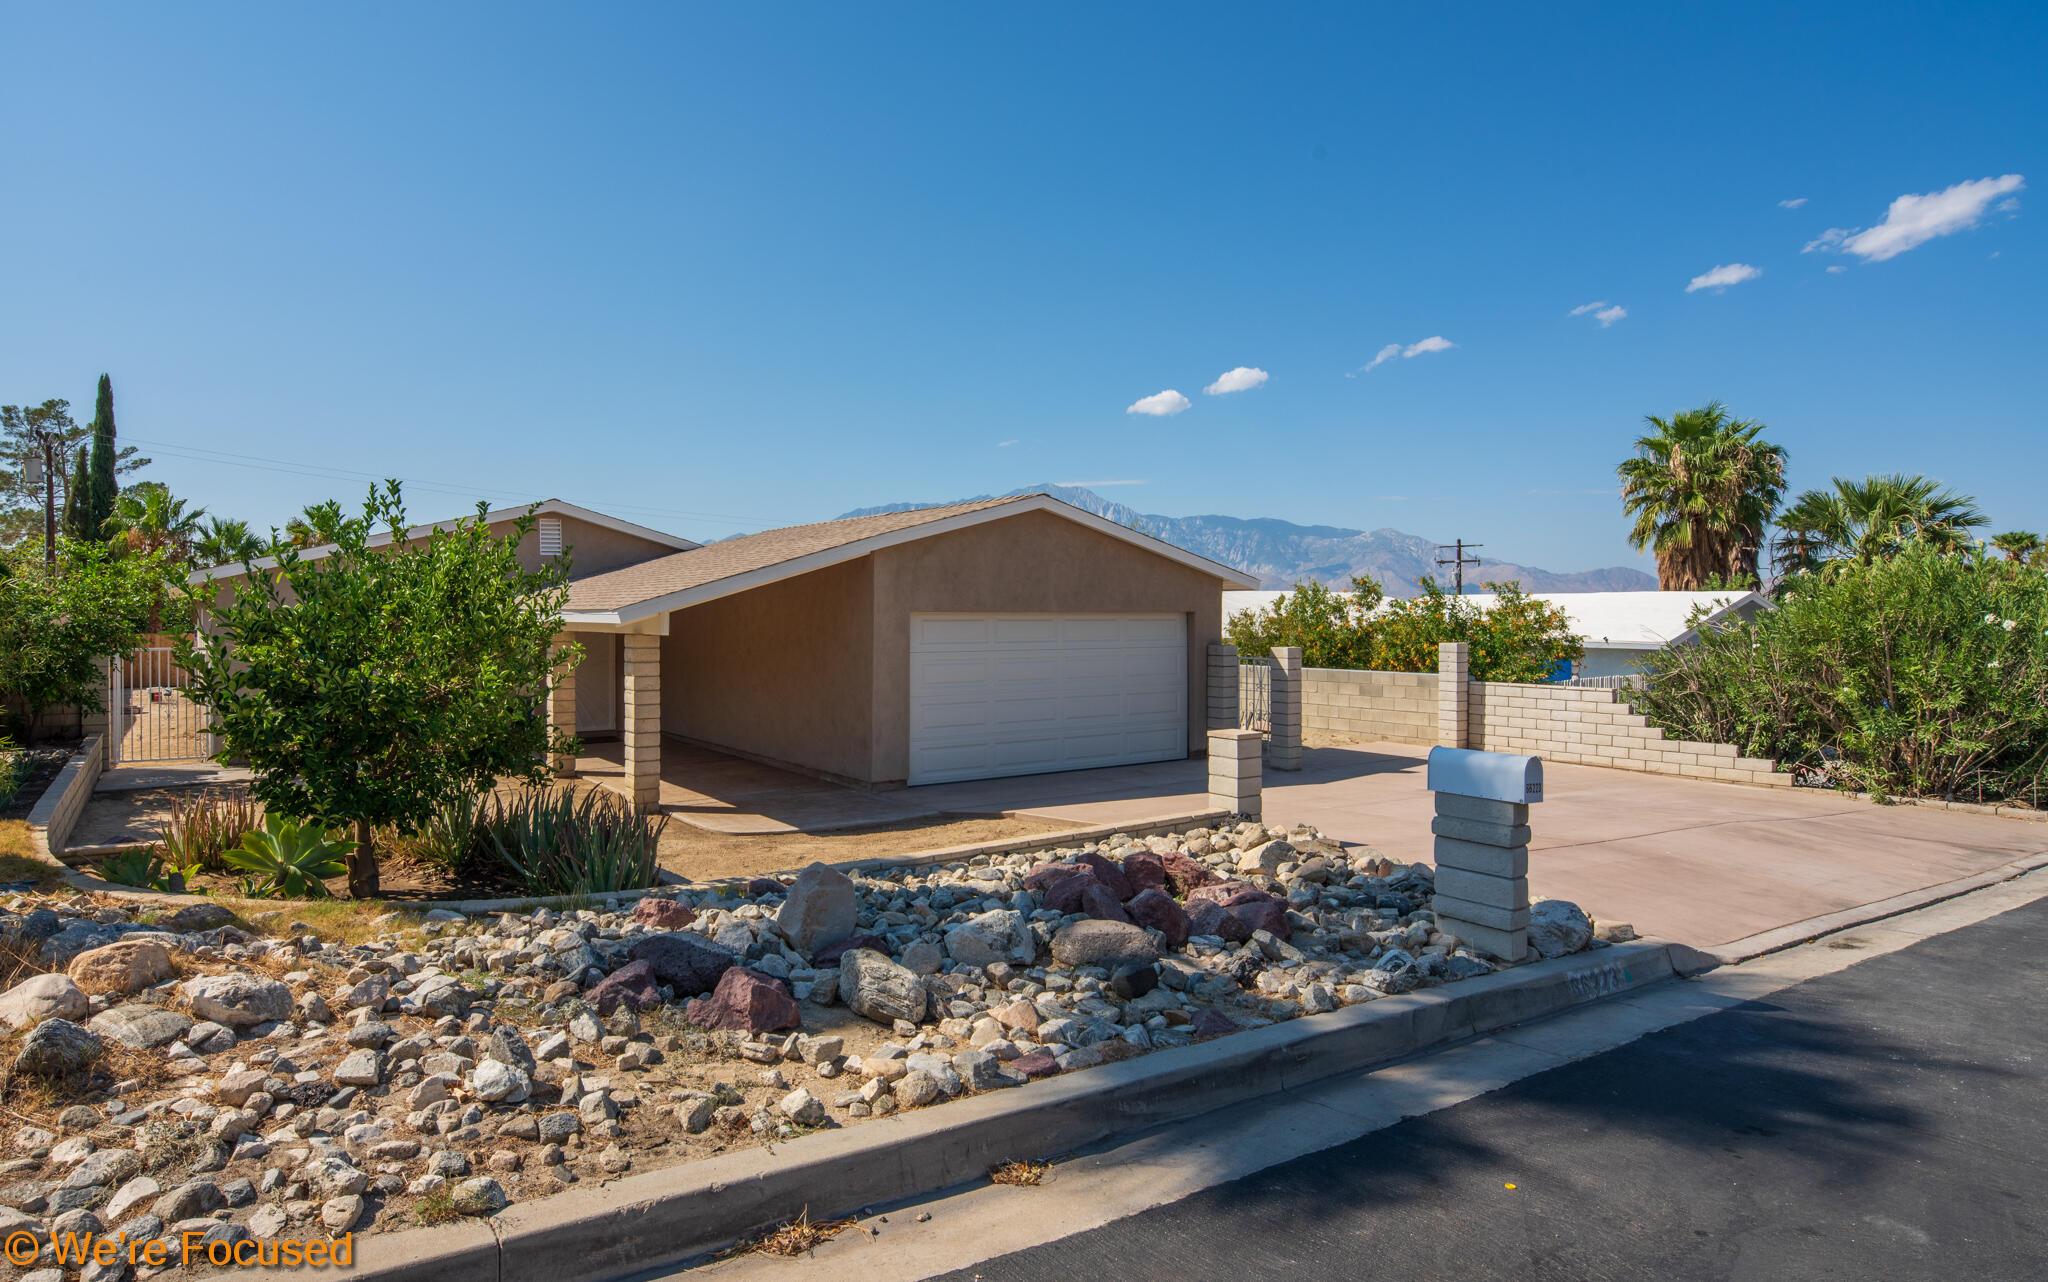 Photo of 66223 Avenida Suenos, Desert Hot Springs, CA 92240